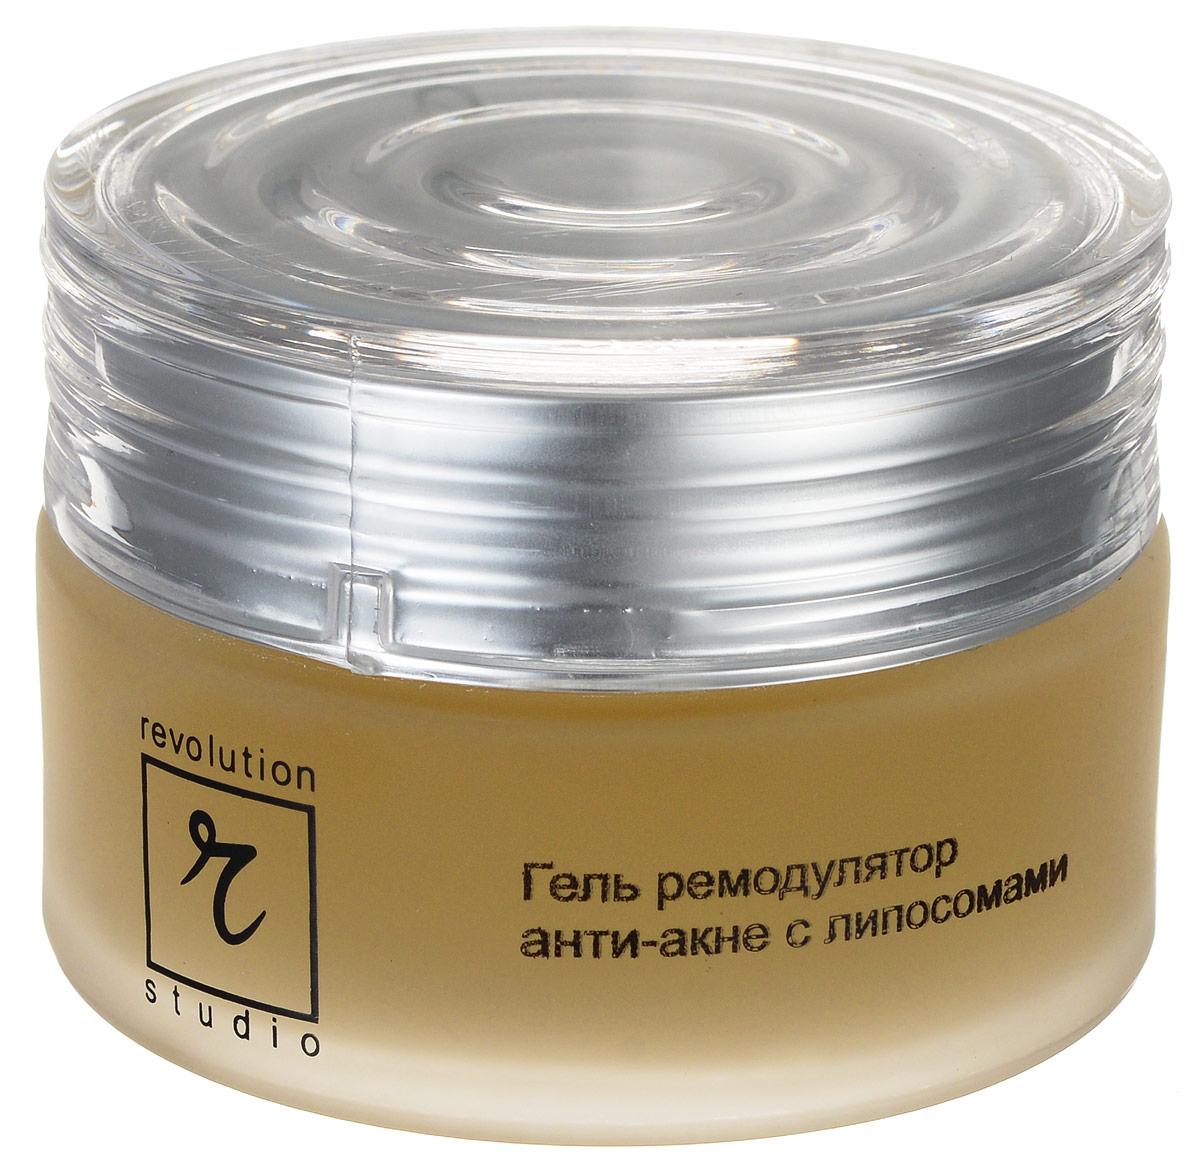 R-Studio Гель-ремодулятор анти-акне ночной с липосомами 50 мл1674 sГель-ремодулятор анти-акне ночной с липосомами - высокоэффективное предотвращение старения клеток кожи: глубоко проникает в кожу и эффективно воздействует на очаг воспаления; улучшает состояние и внешний вид кожи; приводит в норму ее влажность, жирность и эластичность; активизирует процесс регенерации кожи.